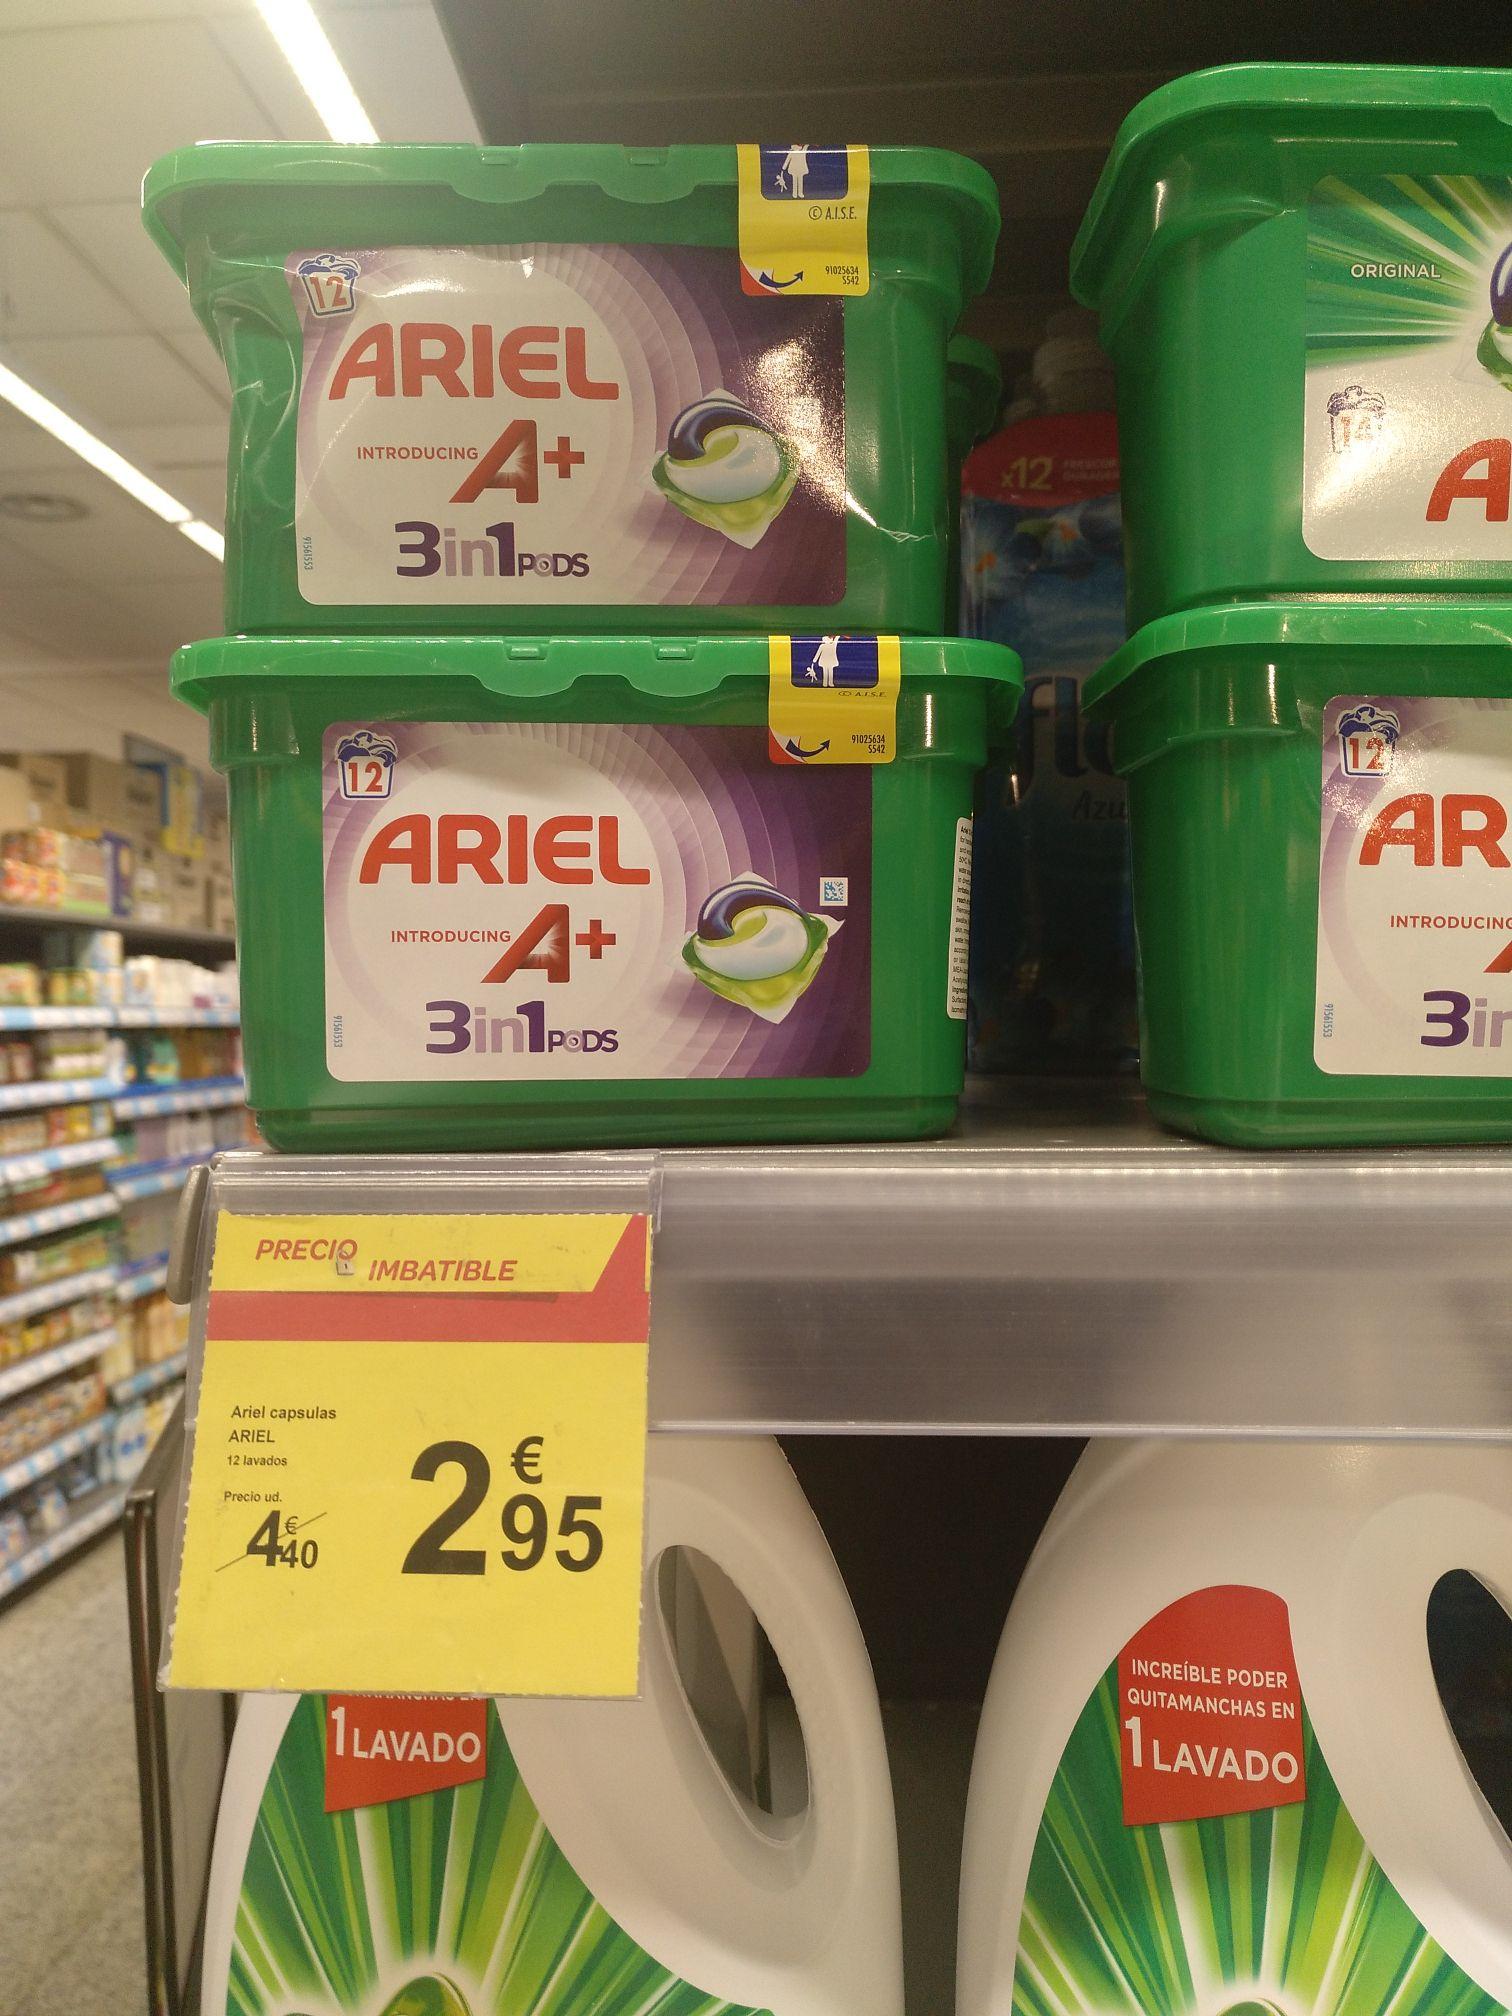 Ariel 12 capsulas Carrefour